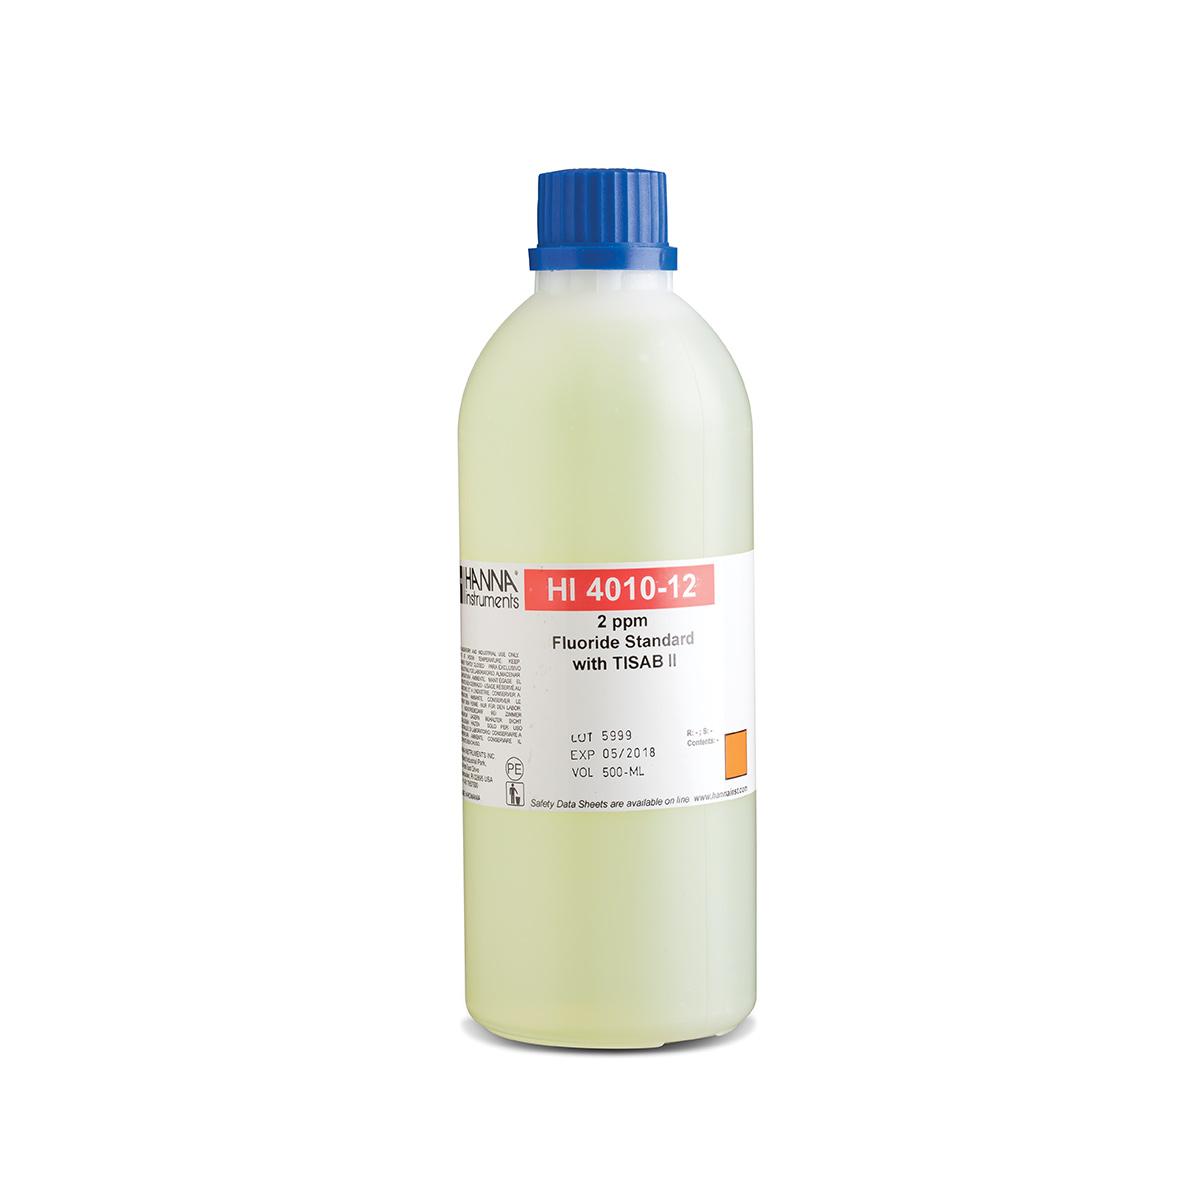 HI4010-12 Fluoride Standard 2 mg/L (ppm) with TISAB II